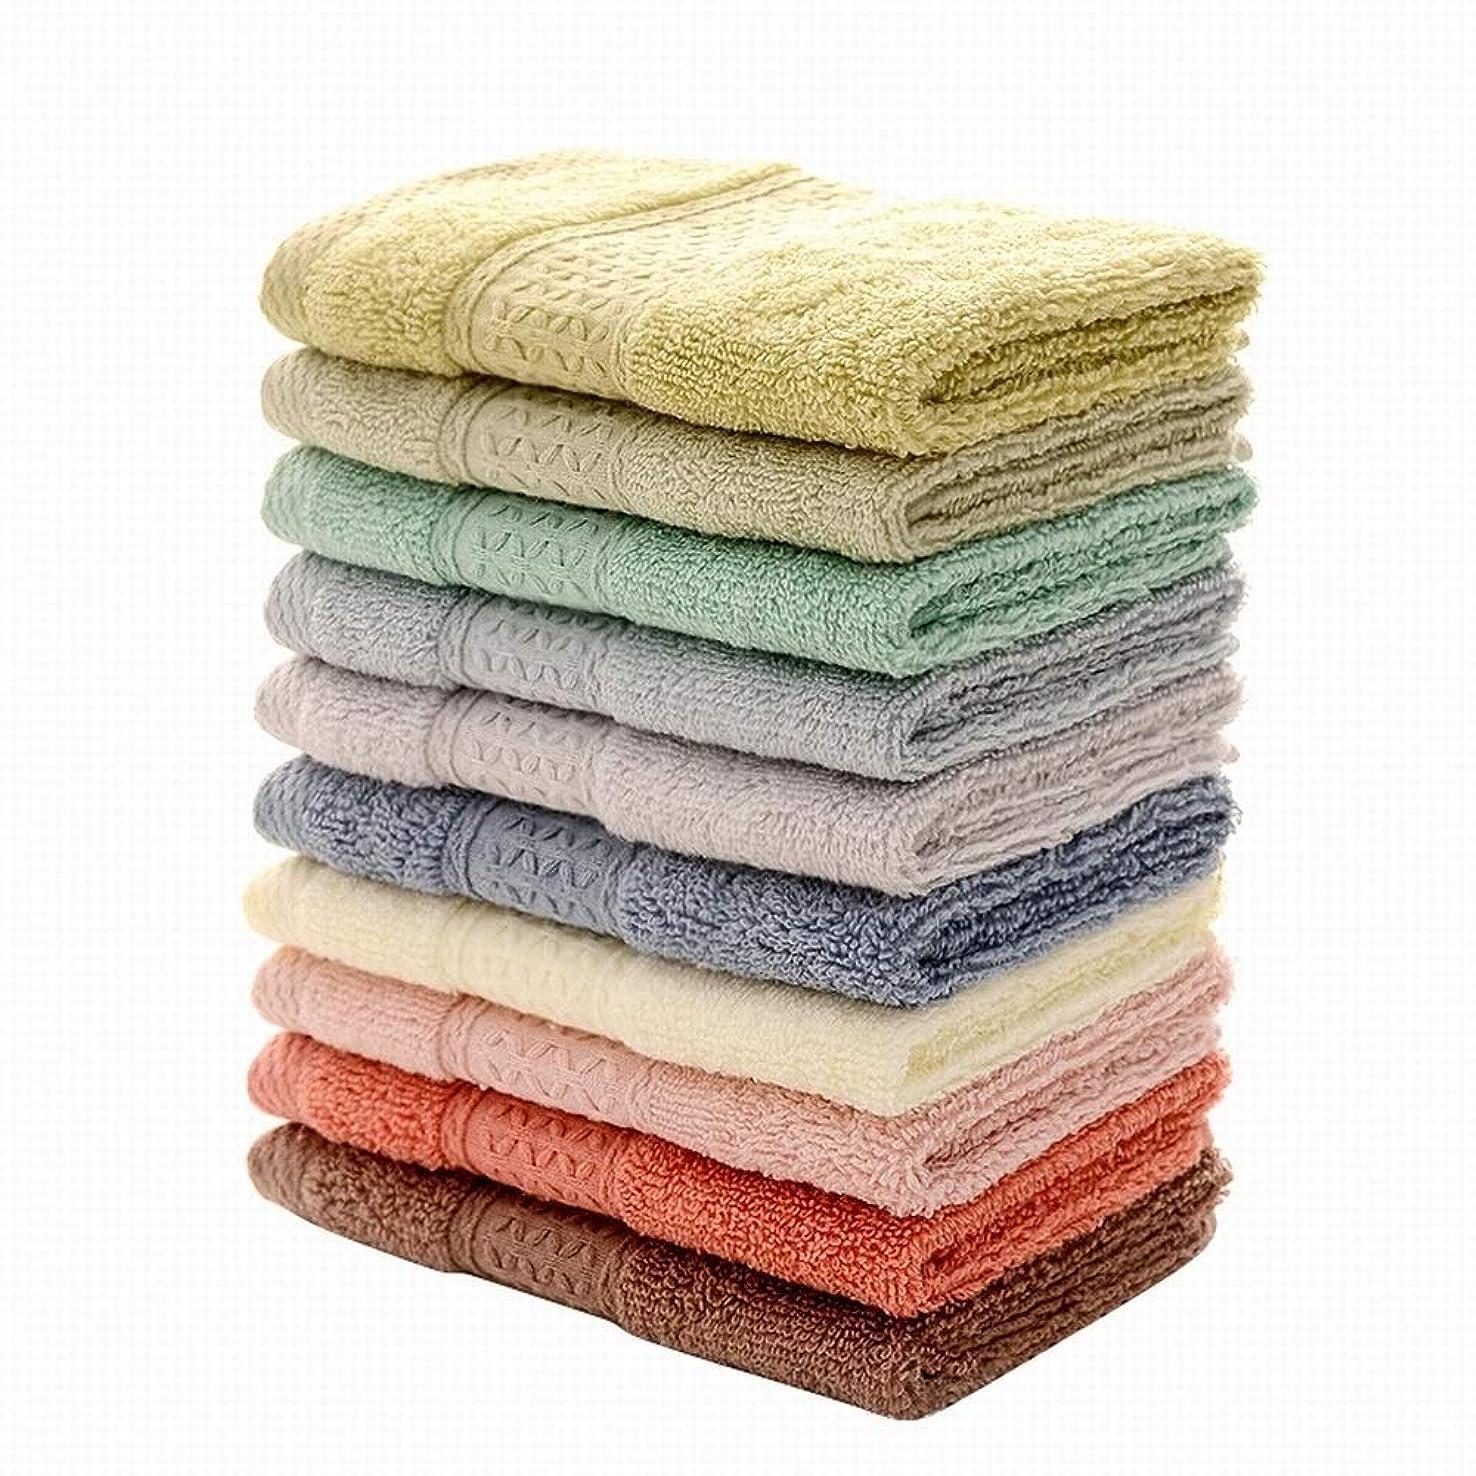 自治的初期の後者Dingfei 純粋な色の正方形のタオル 綿 厚い吸水の柔らかい小さいタオル 10枚セット33 * 33 cm